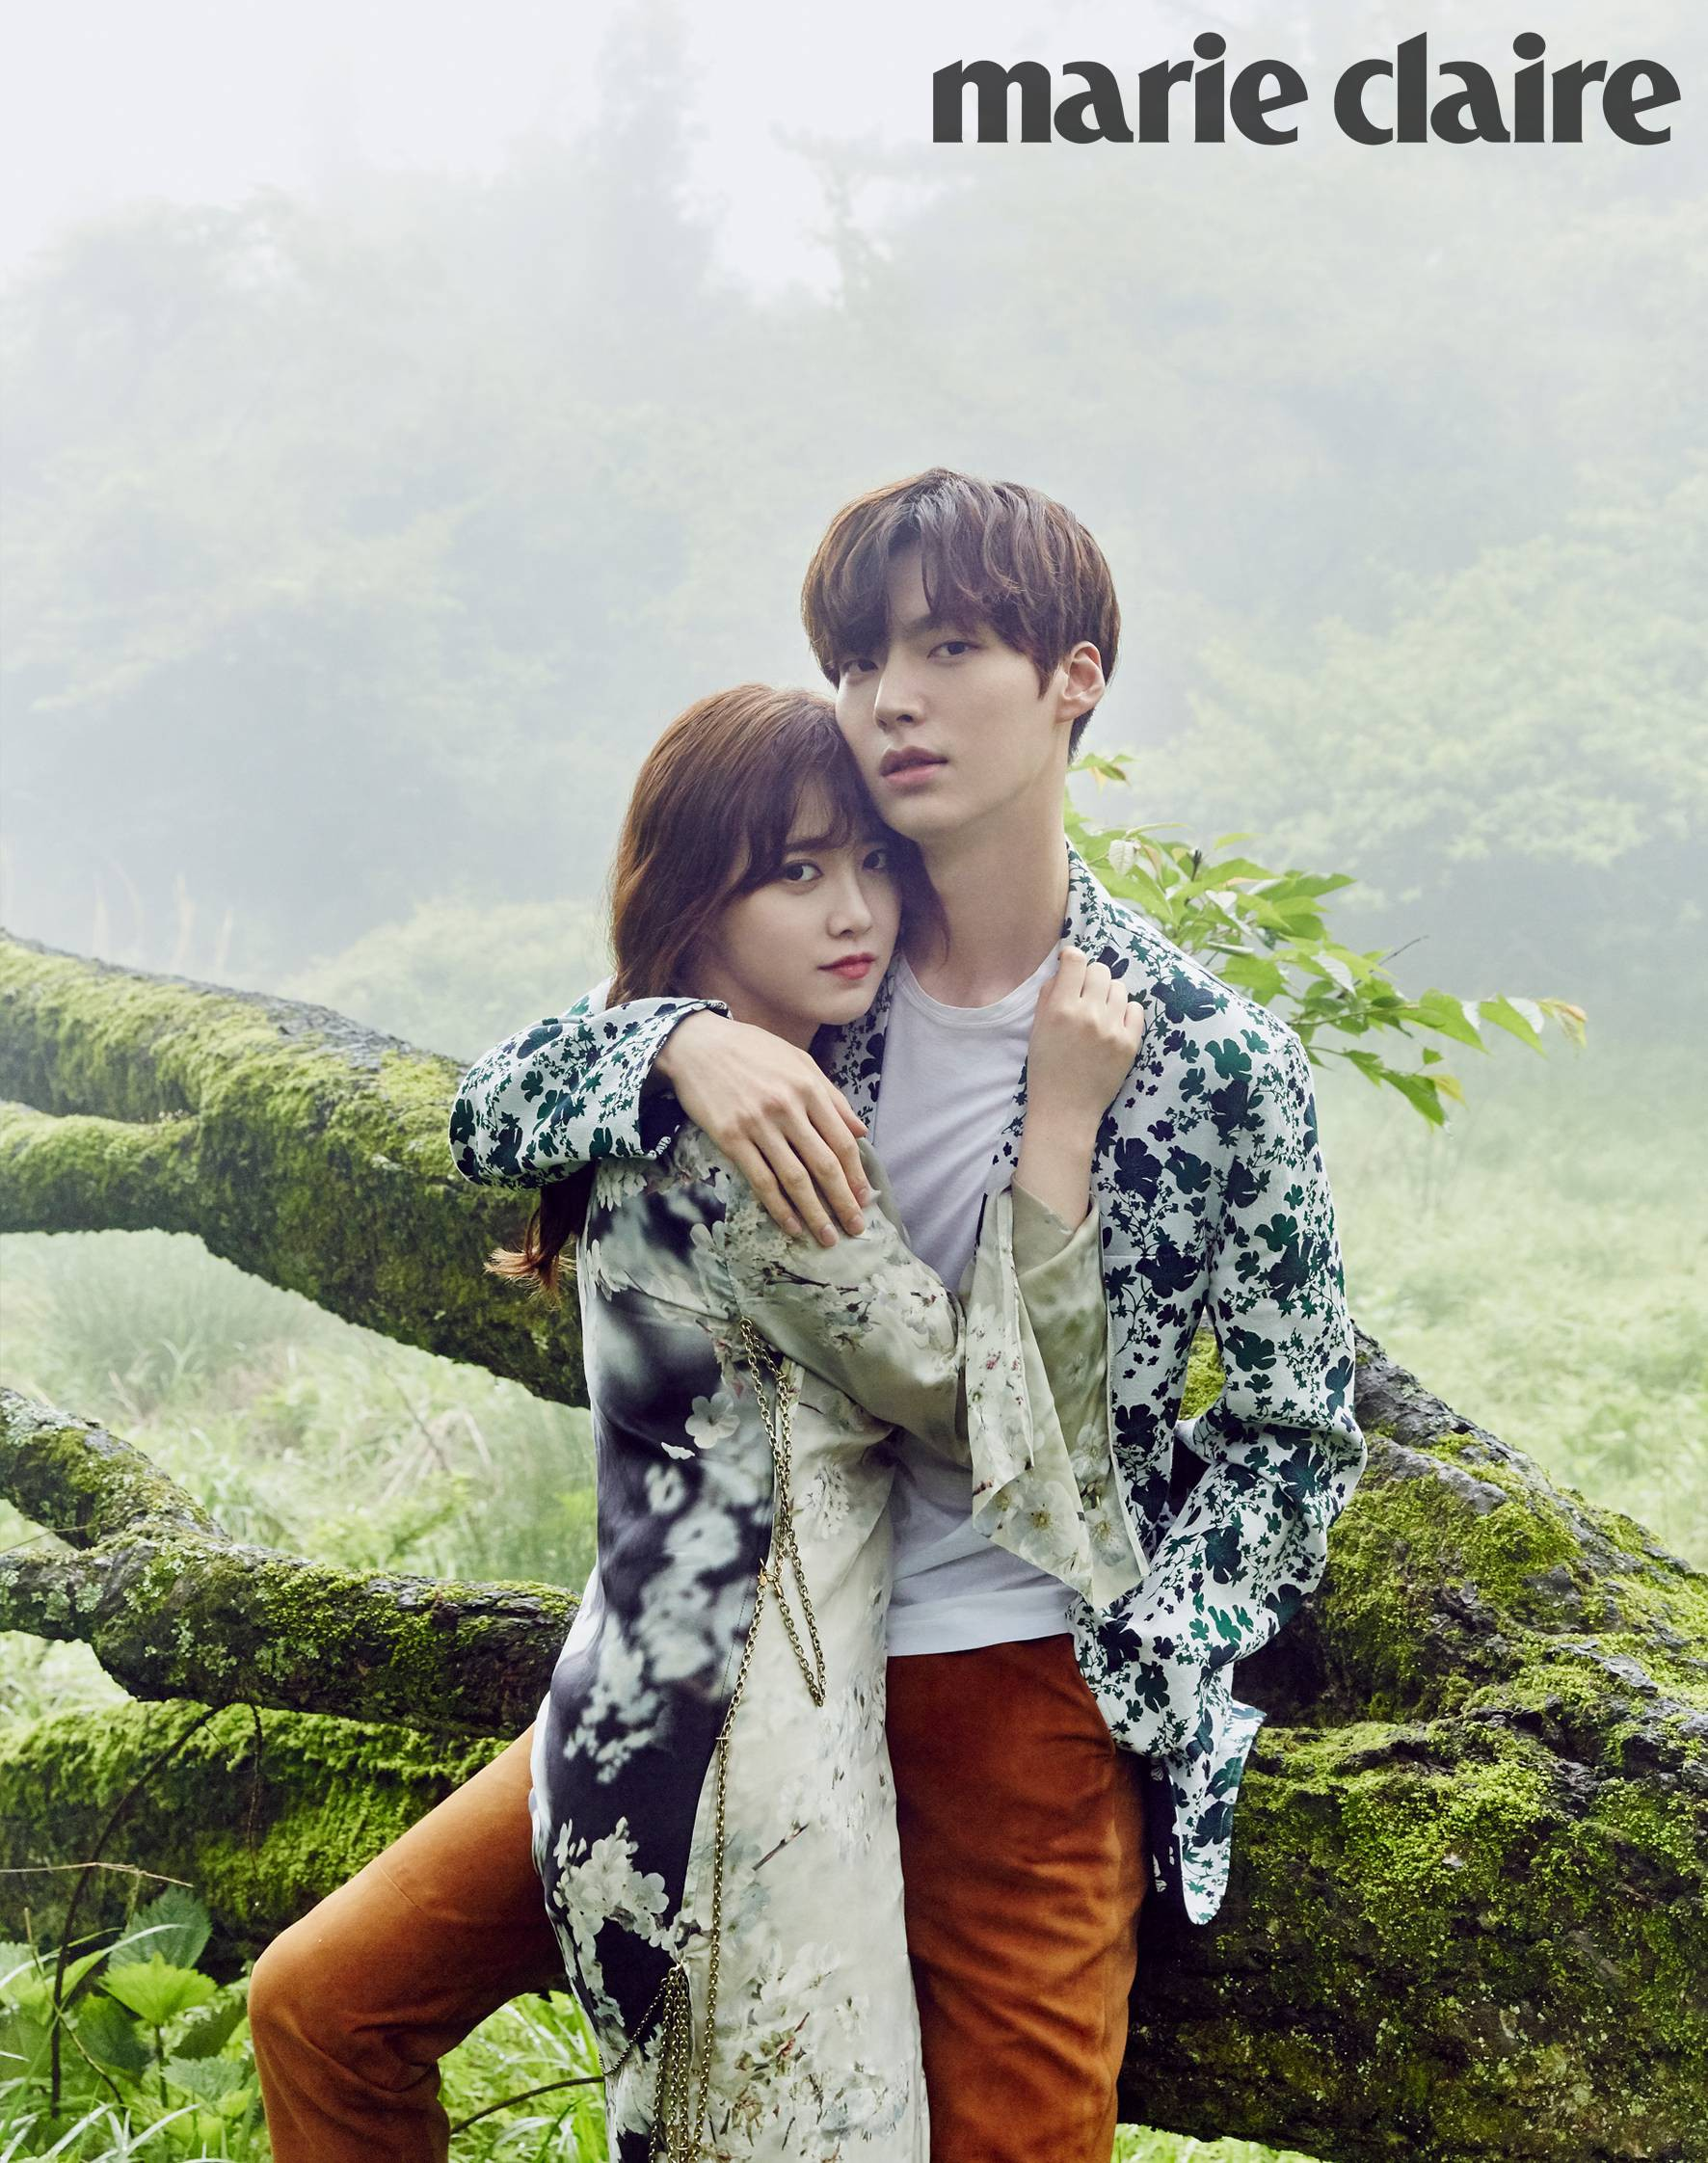 Chuyện tình ít ai biết của Goo Hye Sun: Bị tình đầu cắm sừng, e sợ tình yêu cho đến khi Ahn Jae Hyun xuất hiện - Ảnh 2.